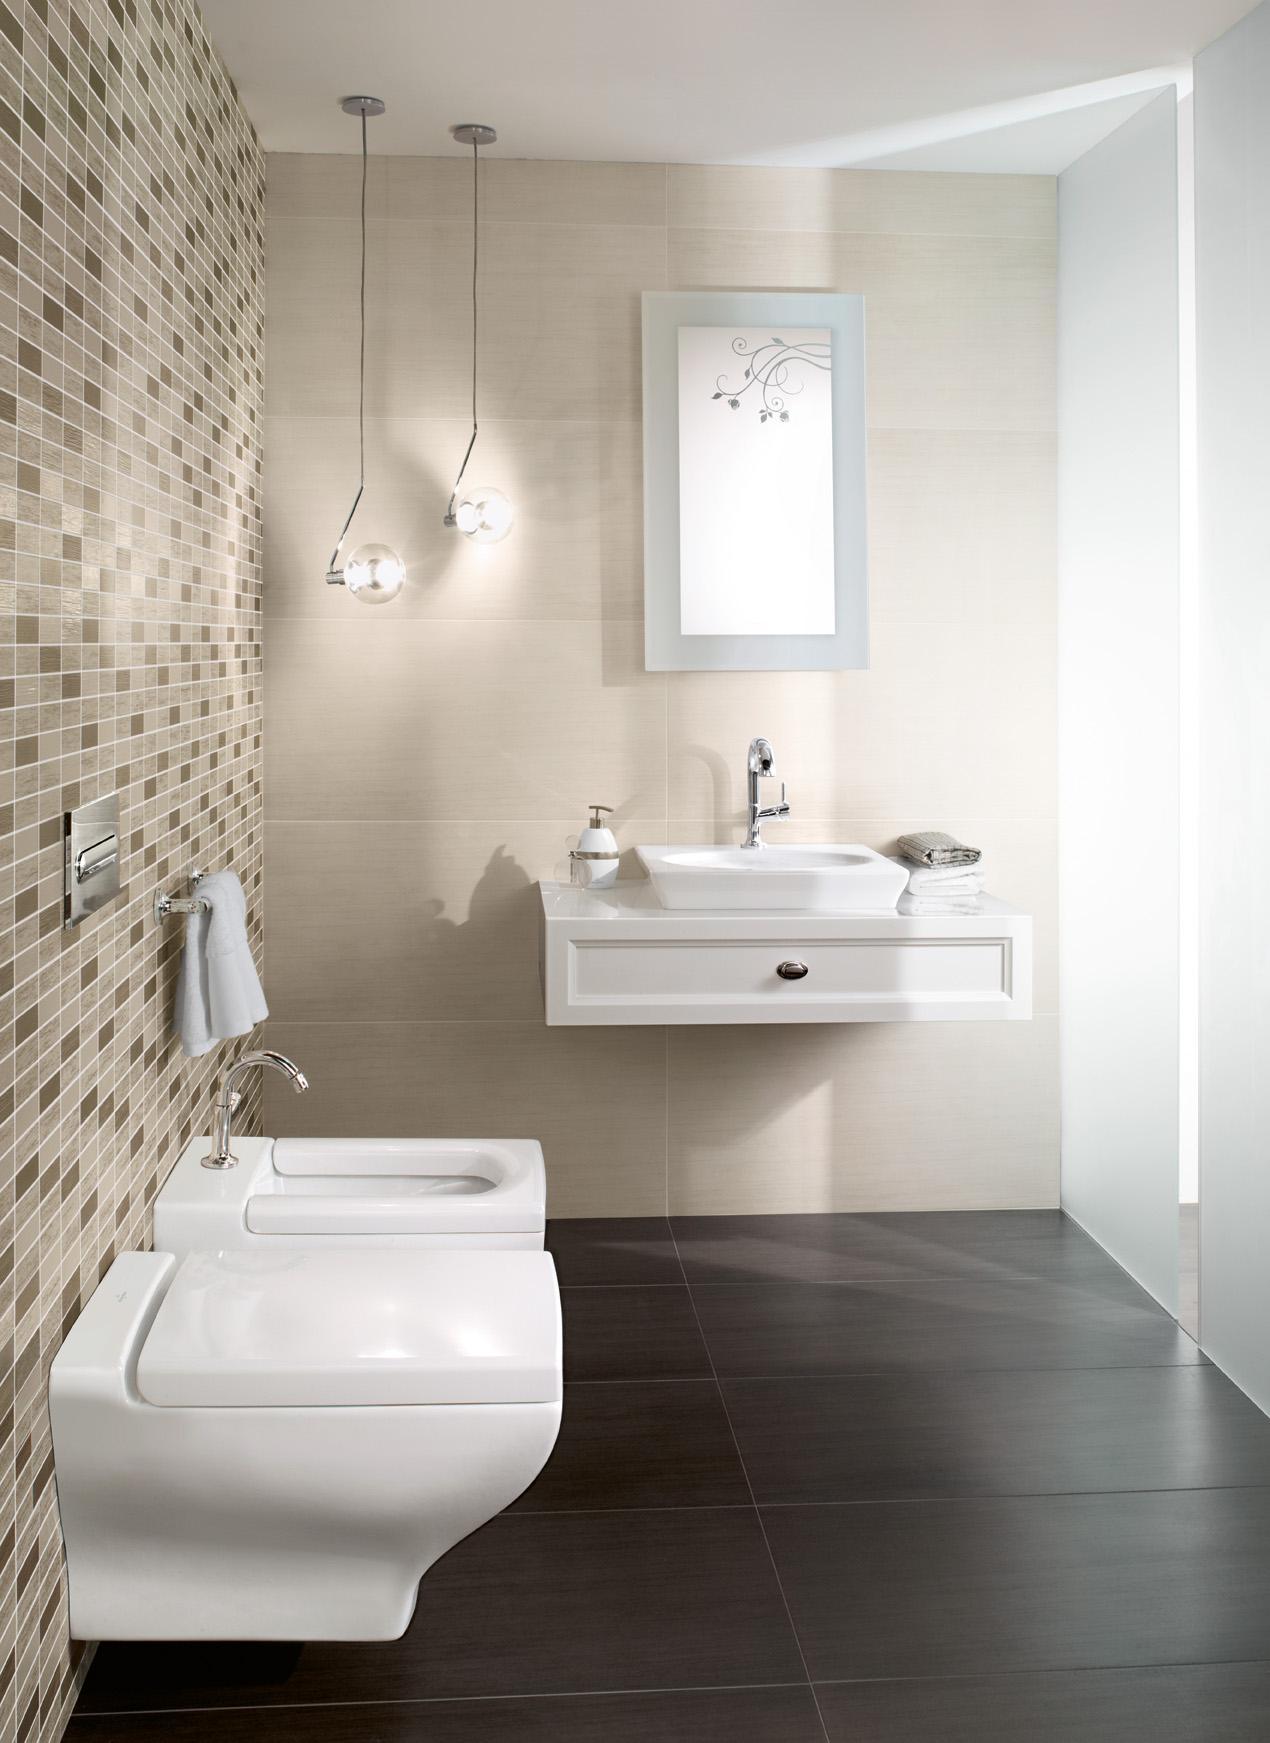 wandgestaltung für das badezimmer • bilder  ideen